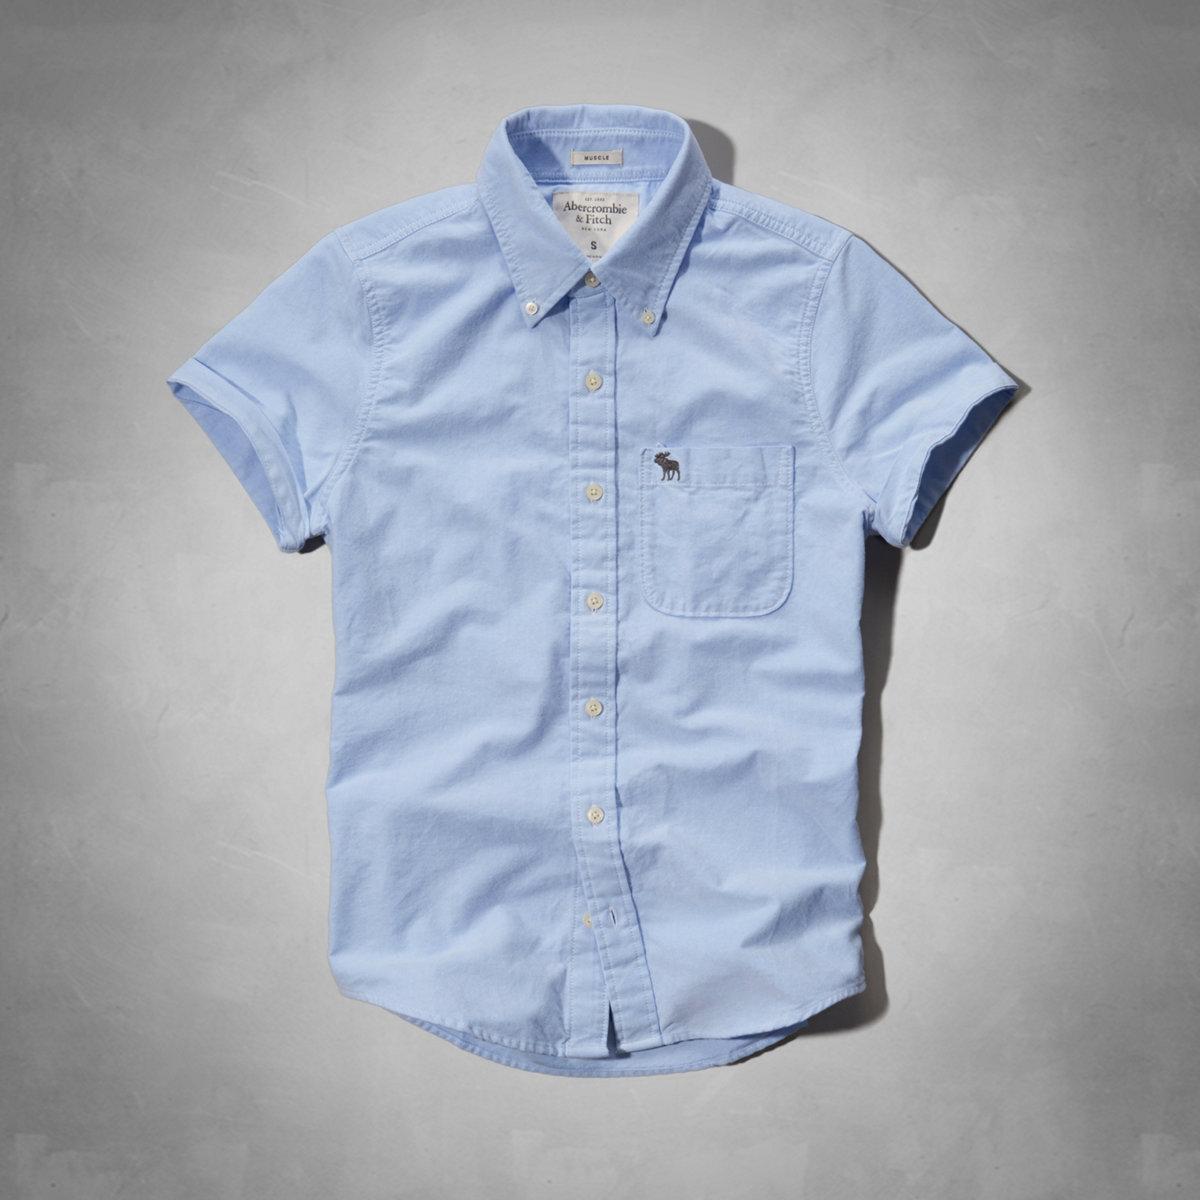 hype | Rakuten Global Market: Abercrombie shirt men's short sleeve ...